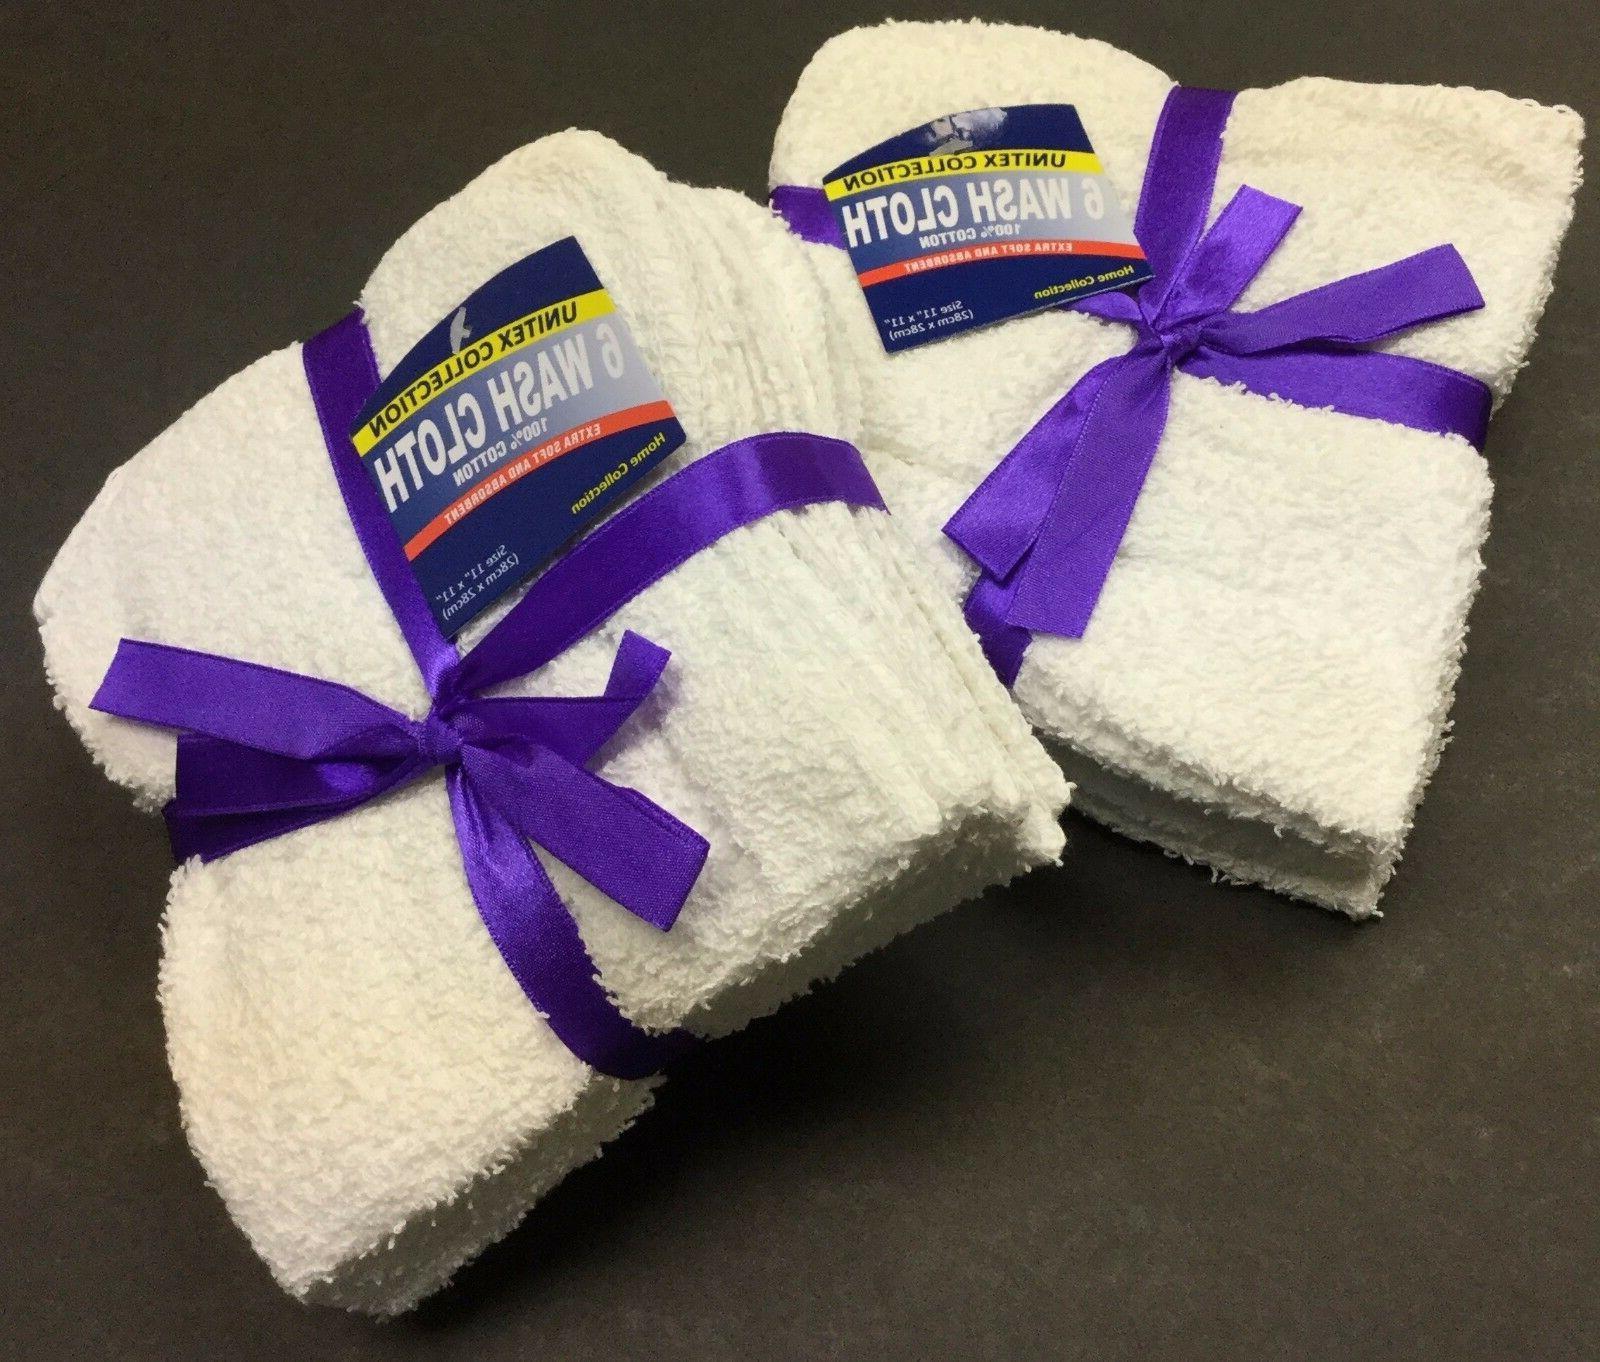 72 -Piece / 6 Dozens 100%  Cotton Washcloth Face Towels Size